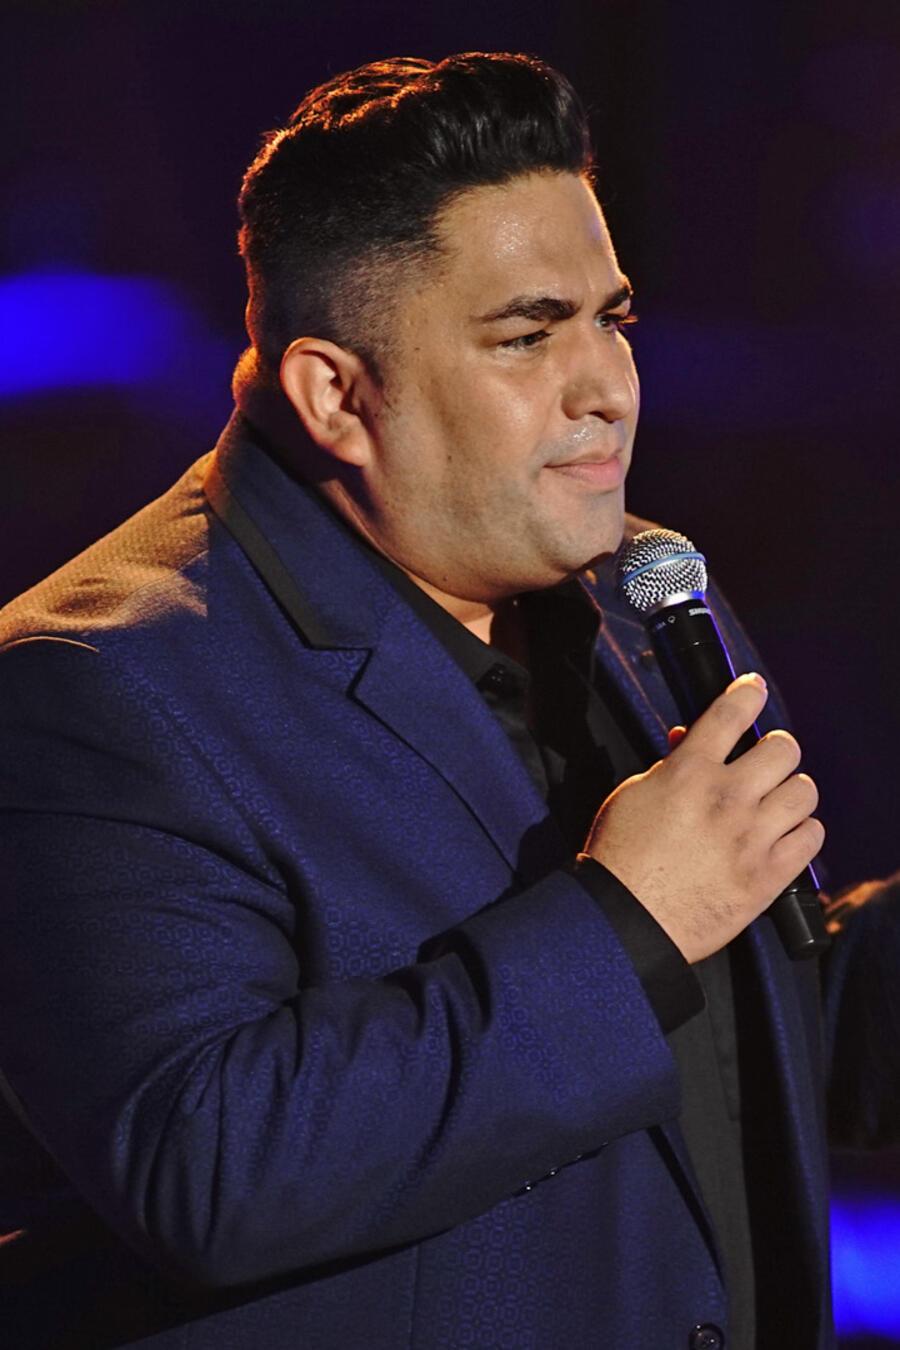 Arturo Guerrero en los enfrentamientos de La Voz US 2